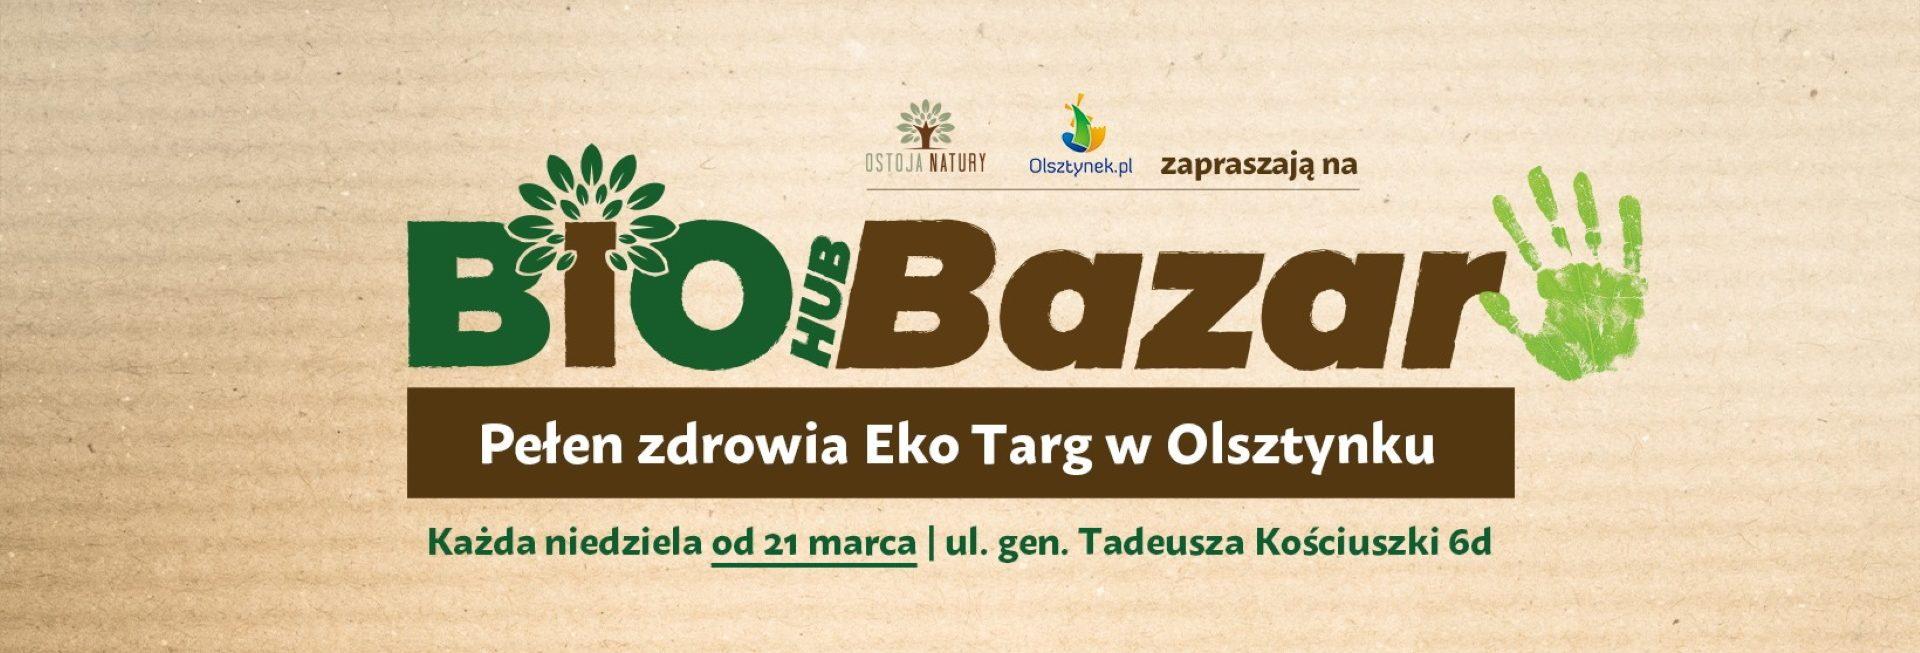 Plakat graficzny zapraszający do Olsztynka na cotygodniowy Bio Hub Bazar EKO Żywność - Olsztynek 2021.